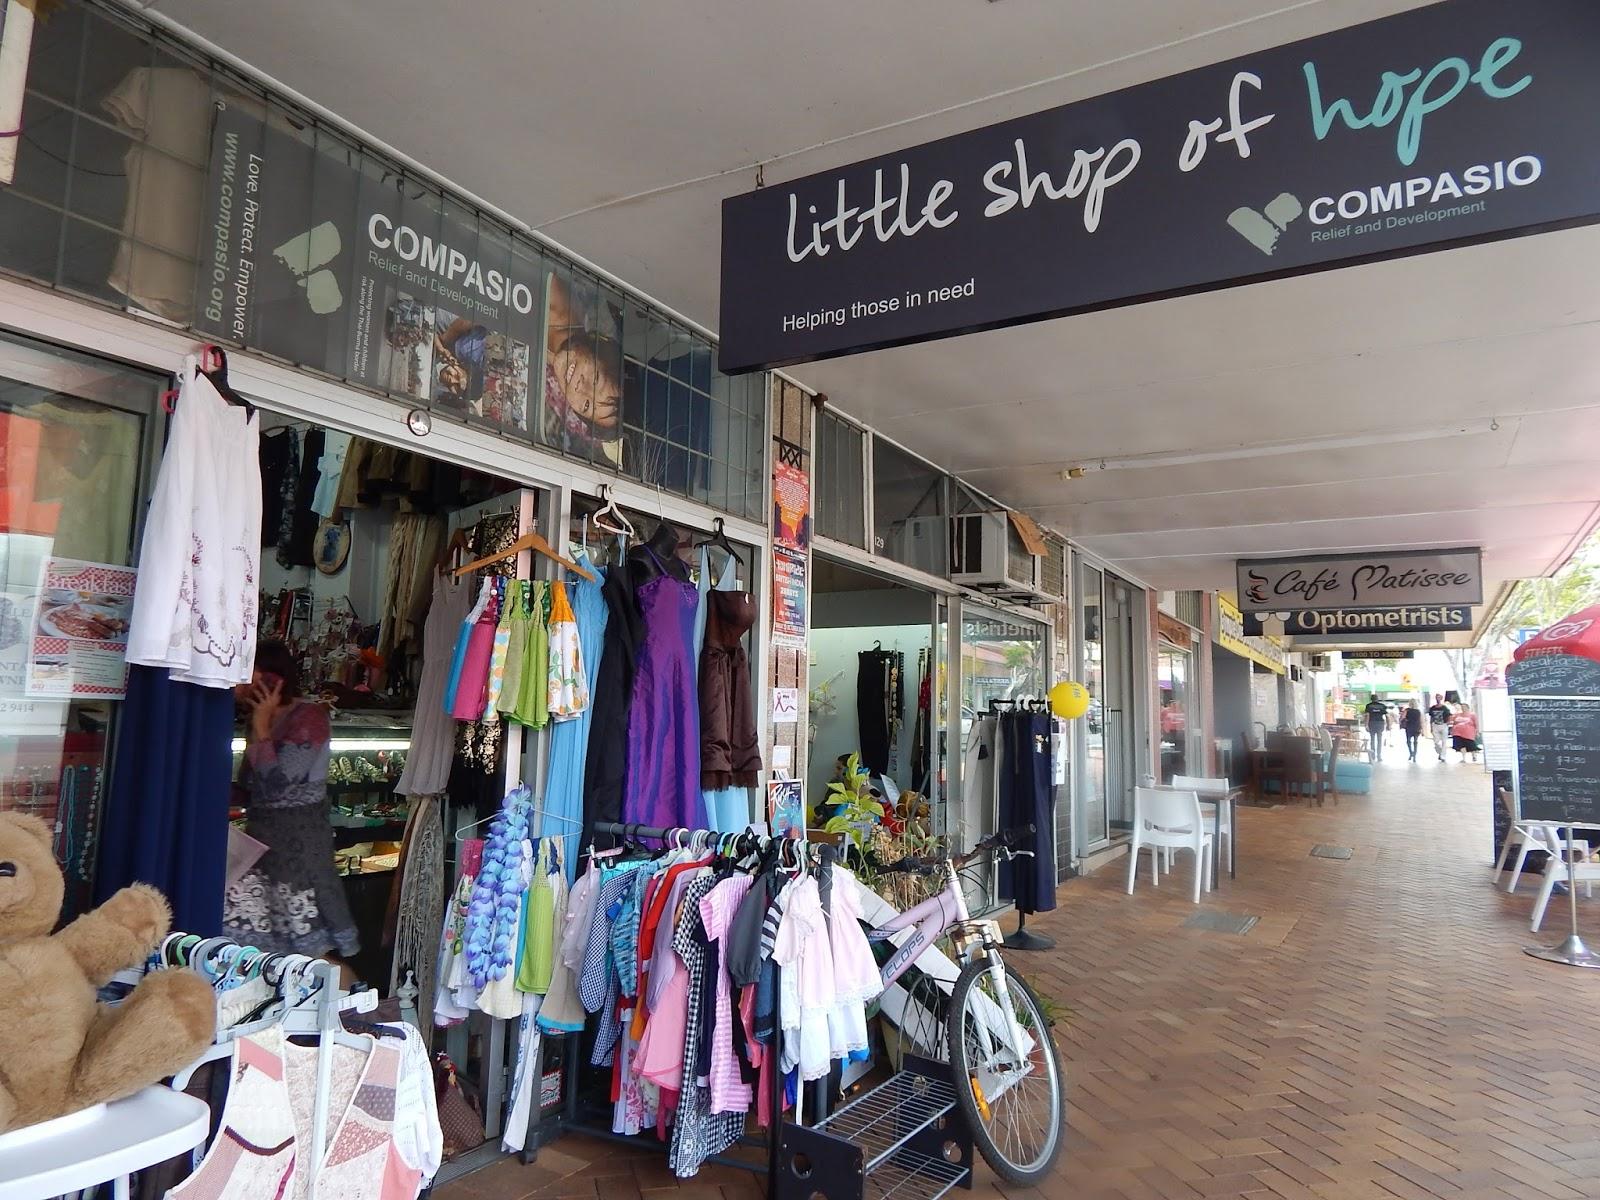 The Great Op Shop Journey: October 2016